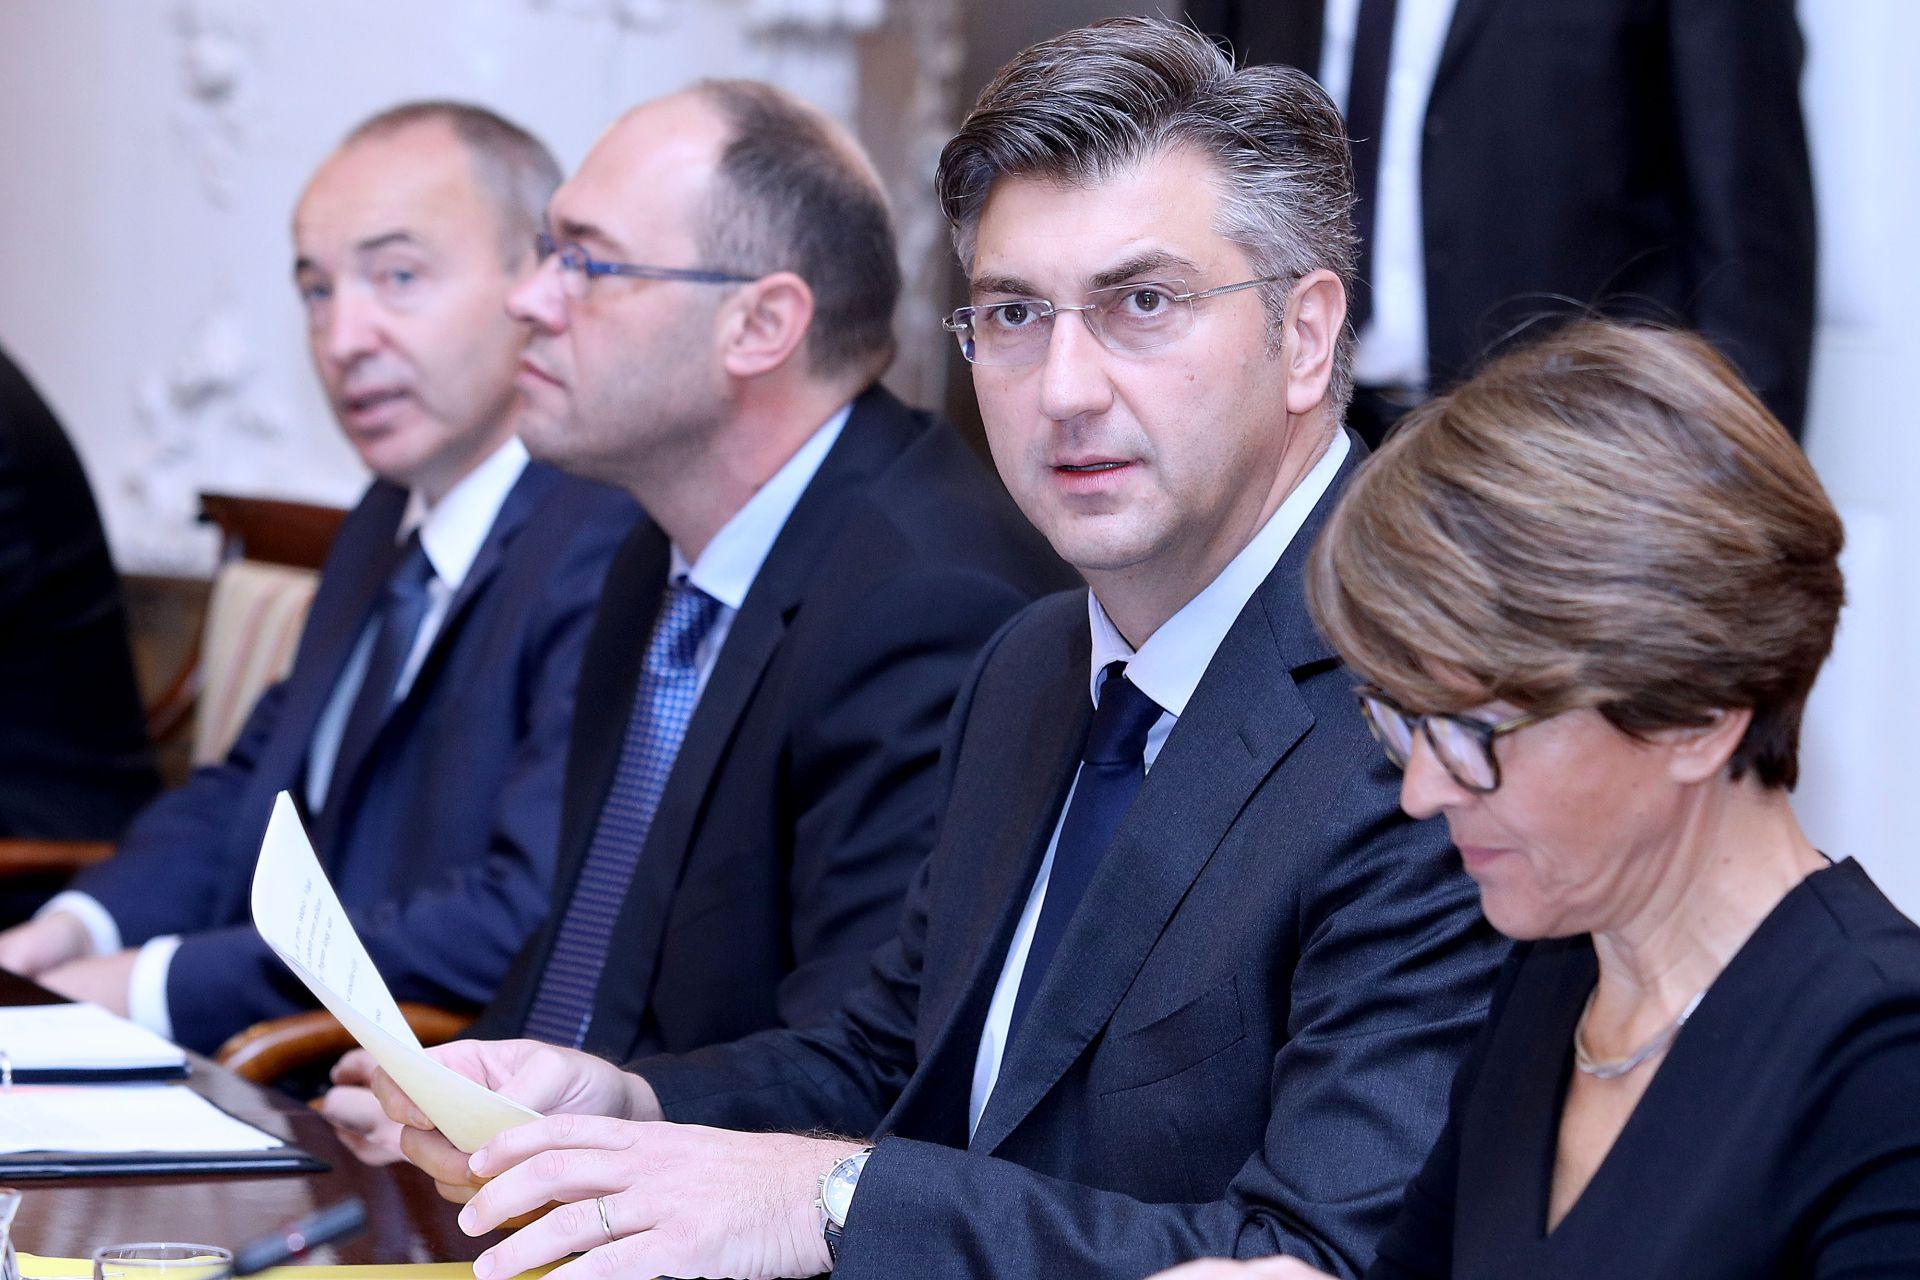 VLADA DANAS U VUKOVARU Plenković: 'Donijet ćemo niz odluka iz različitih resora koji će manifestirati potporu Vukovaru'